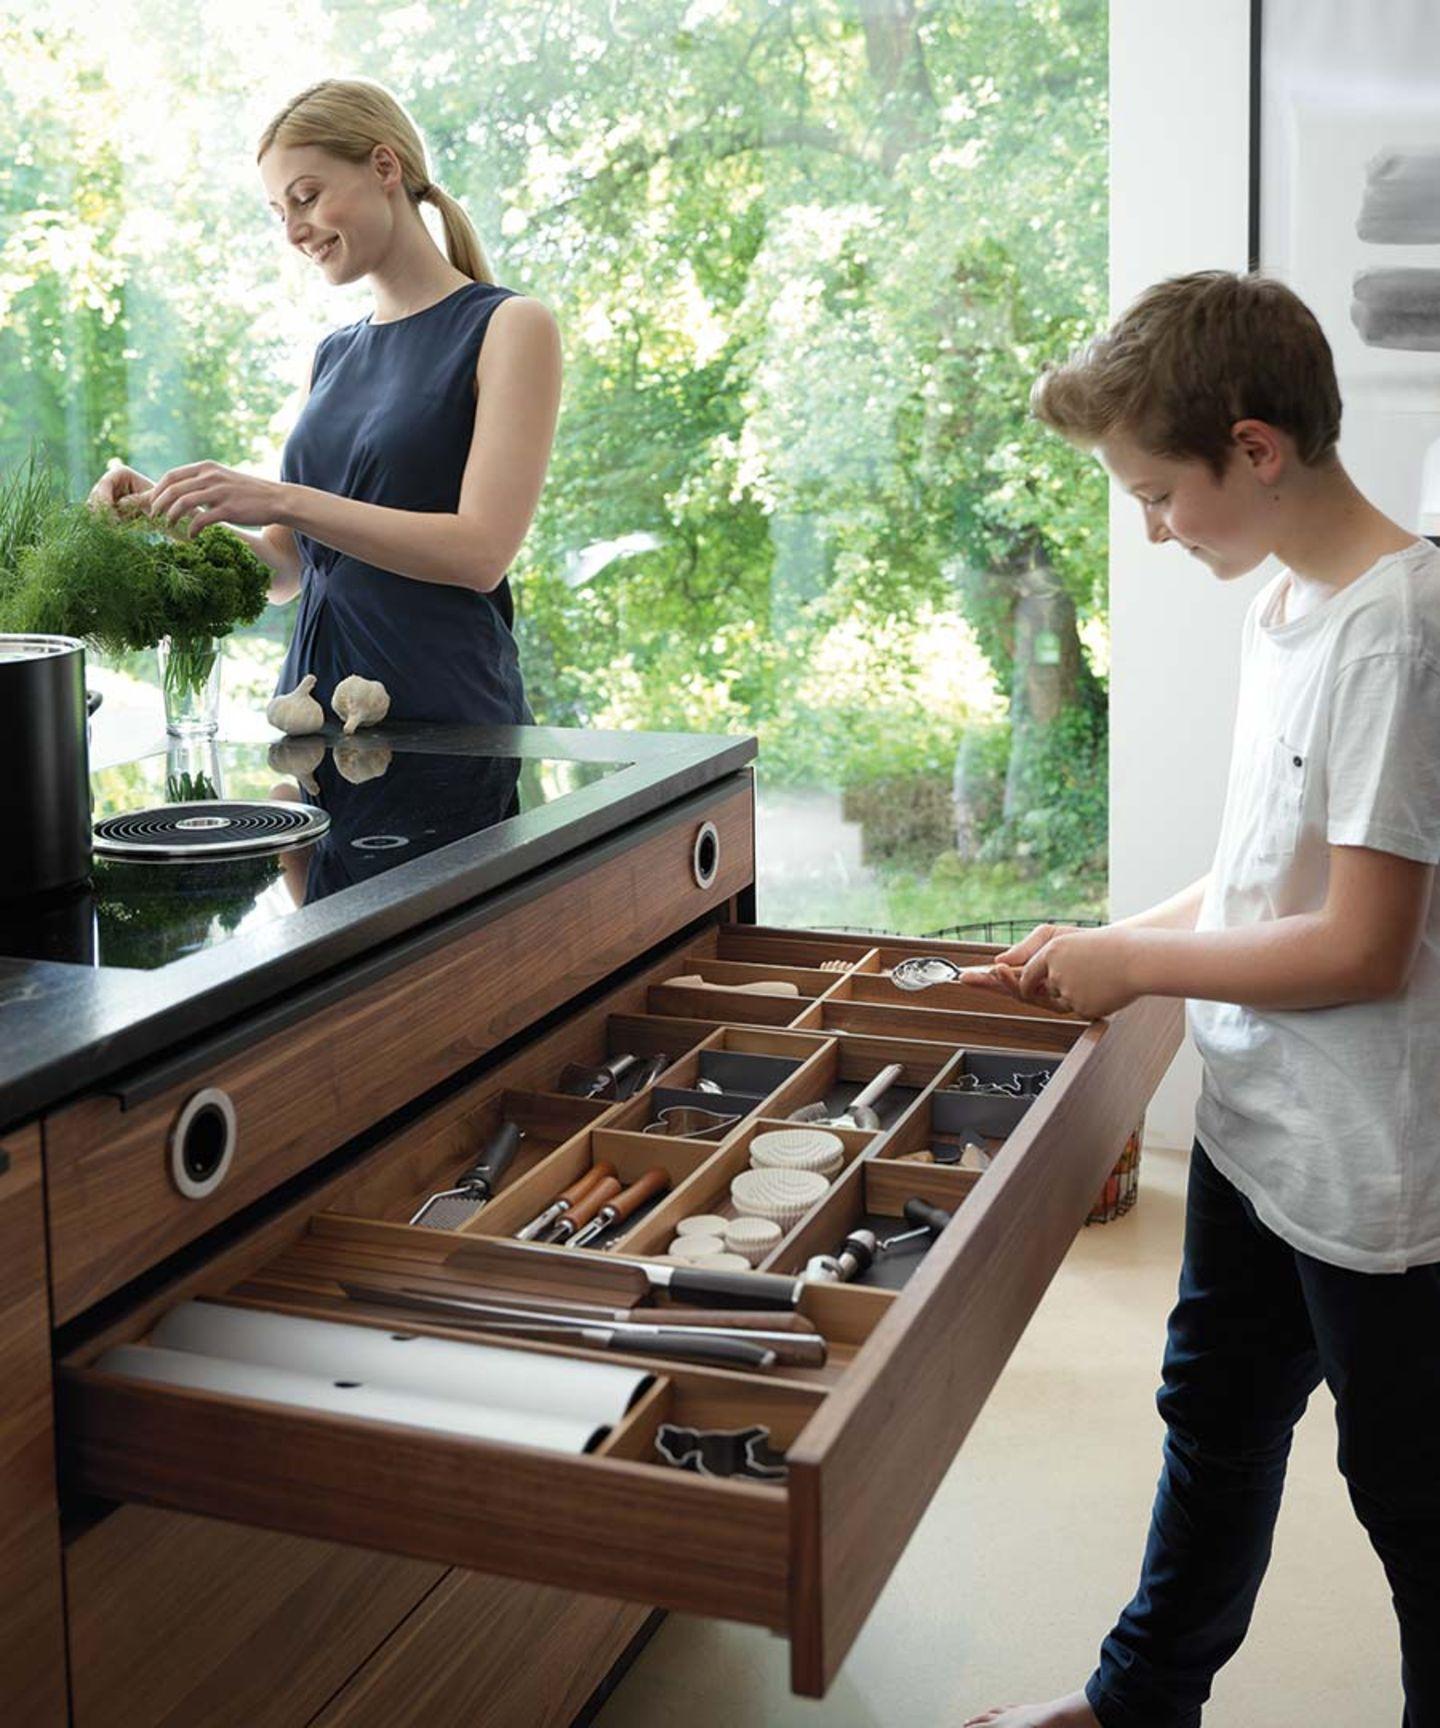 Cuisine en bois naturel black line avec séparations de tiroir pratiques